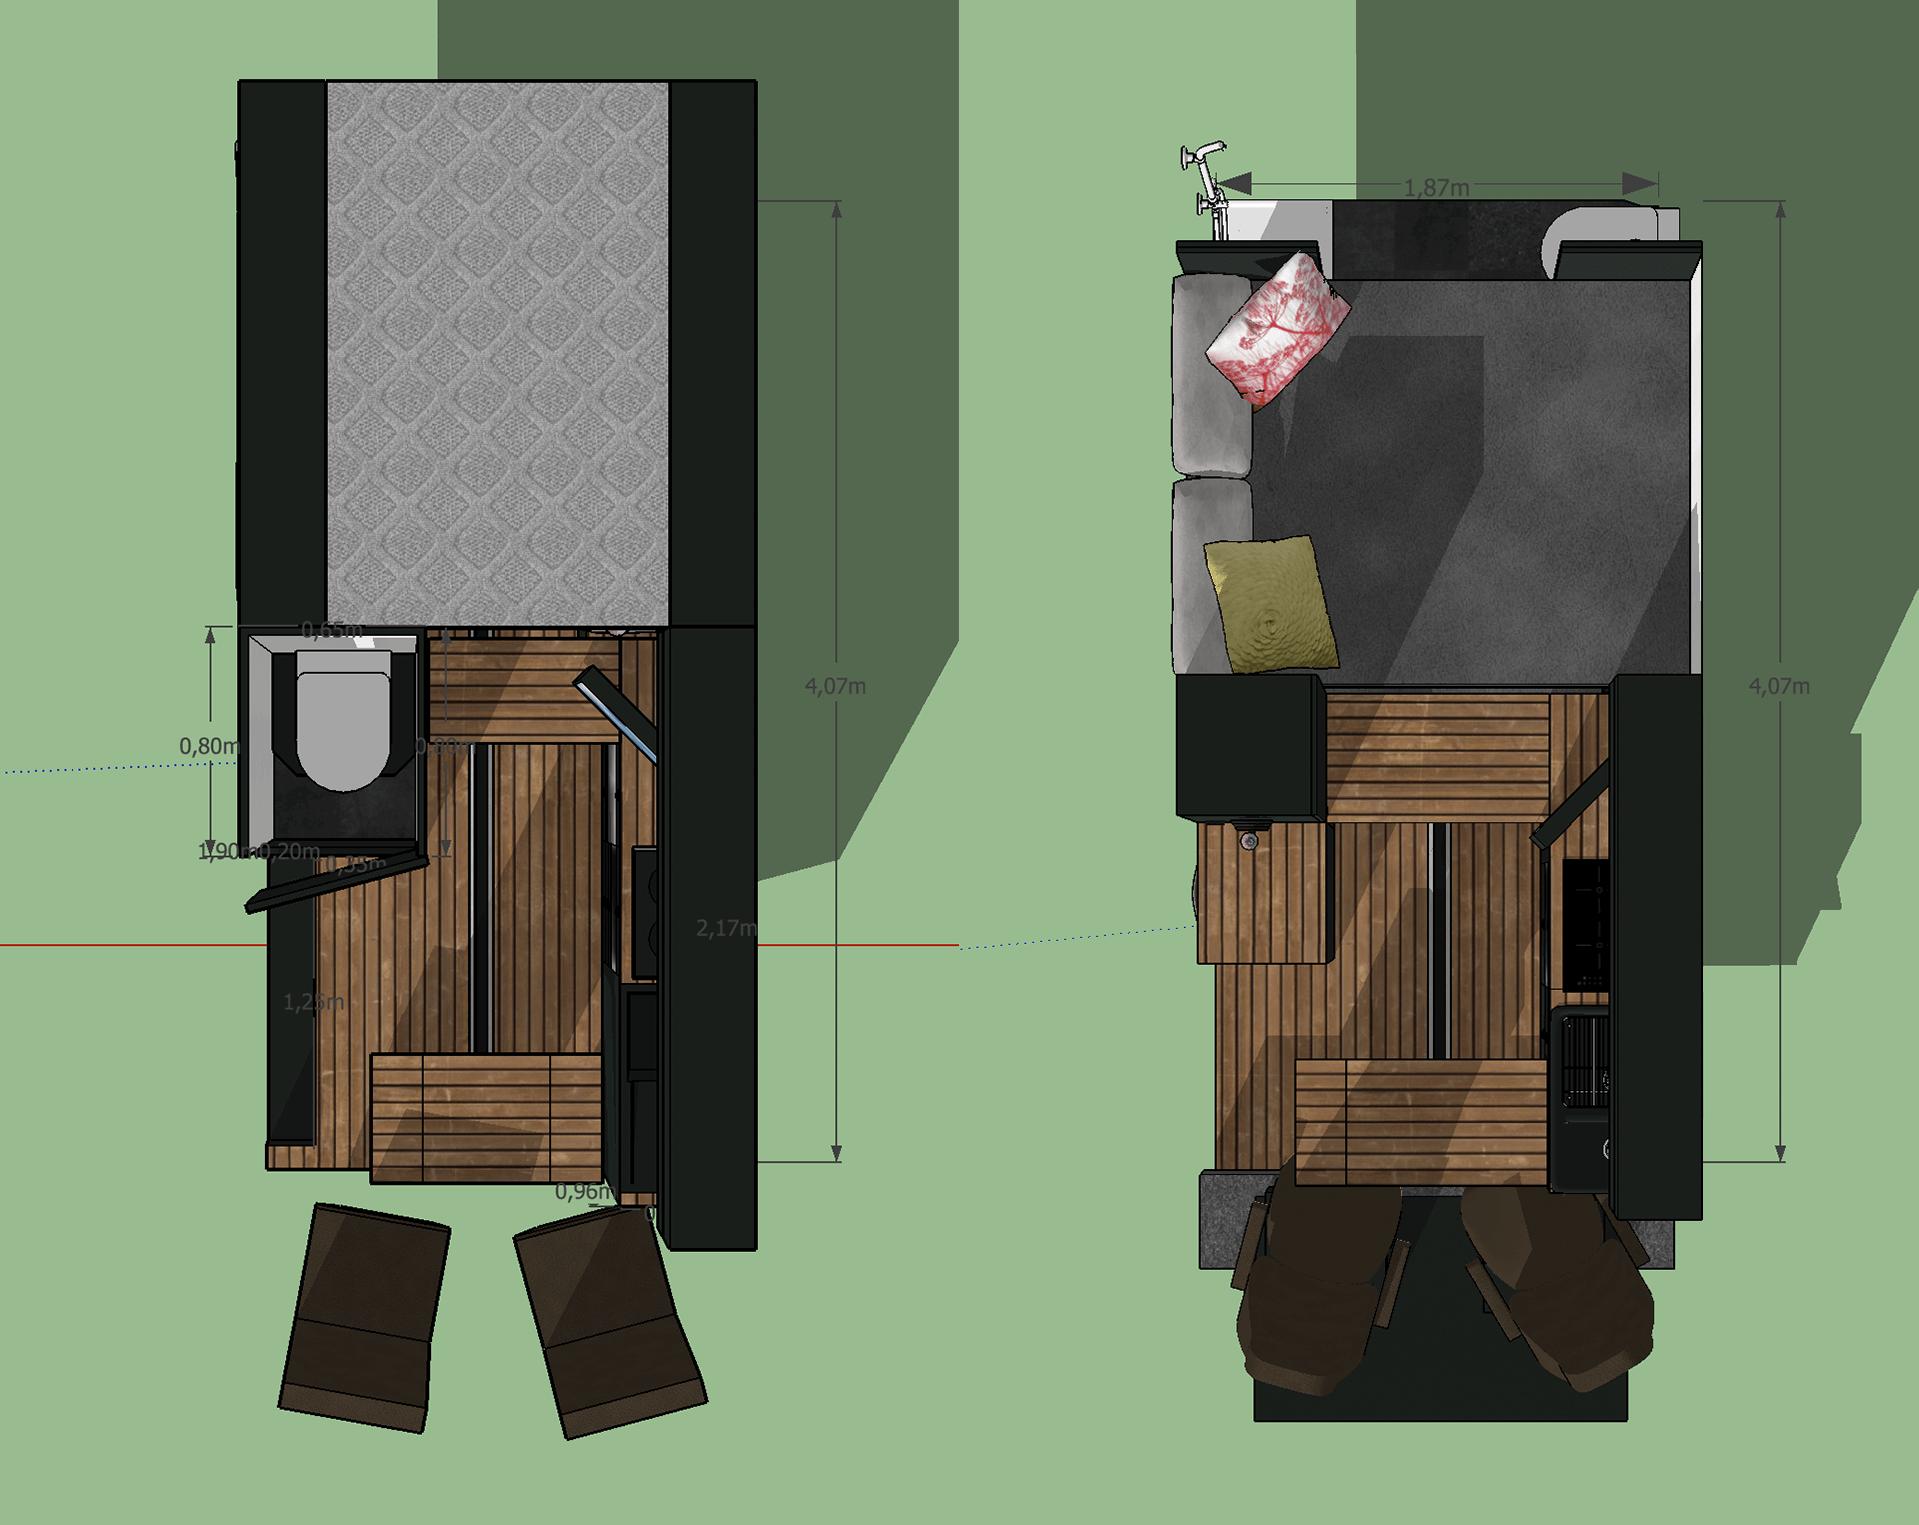 Modellvergleich